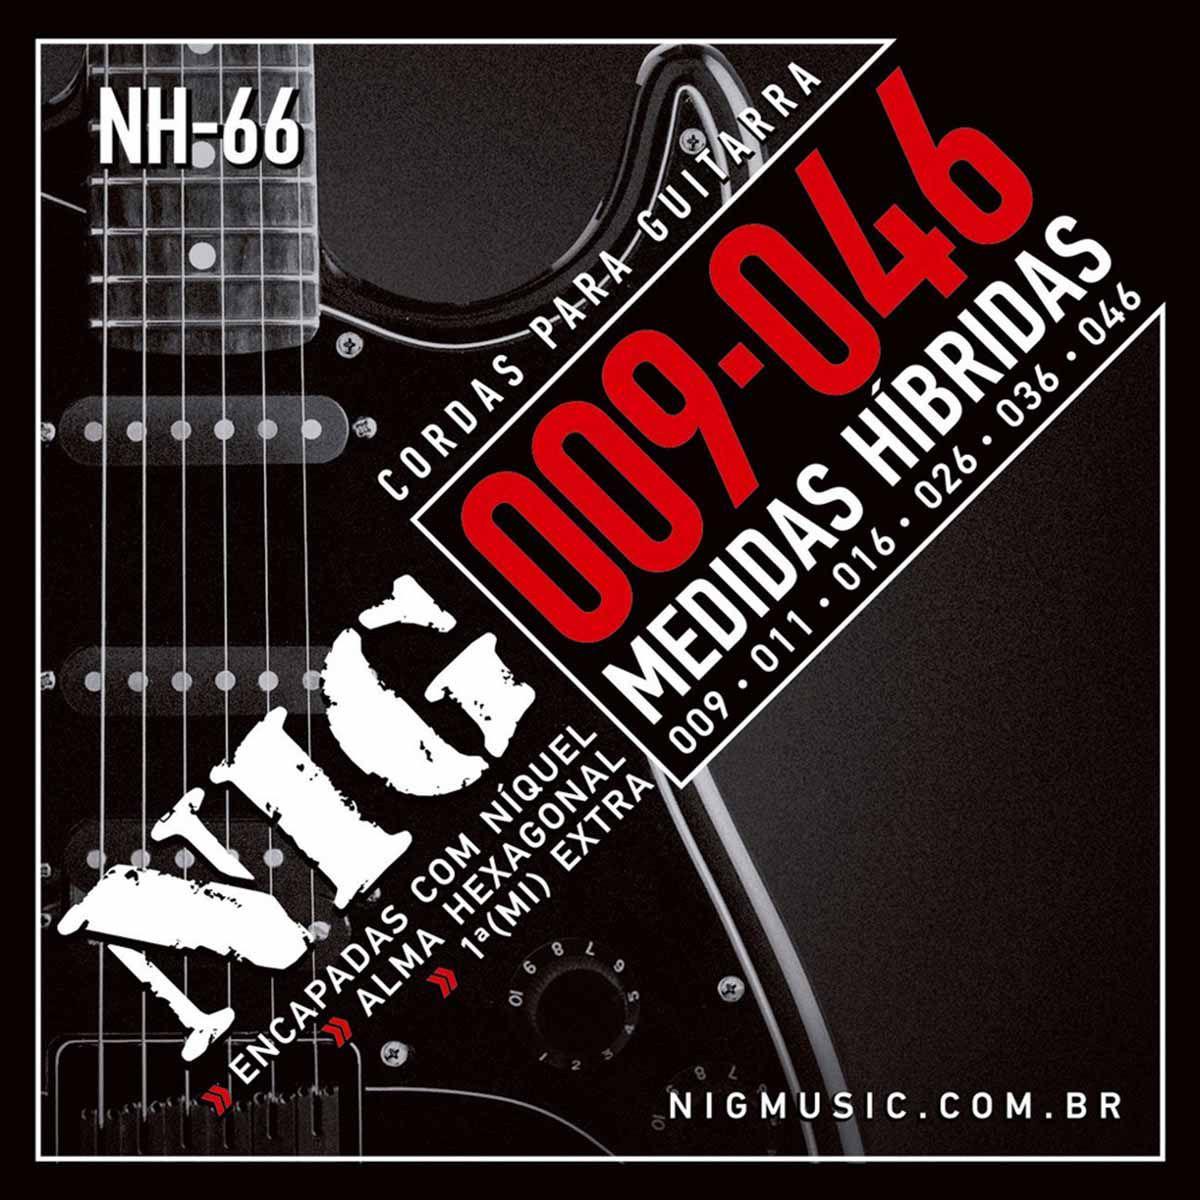 Encordoamento Nig NH-66 009/046 Híbrida para Guitarra